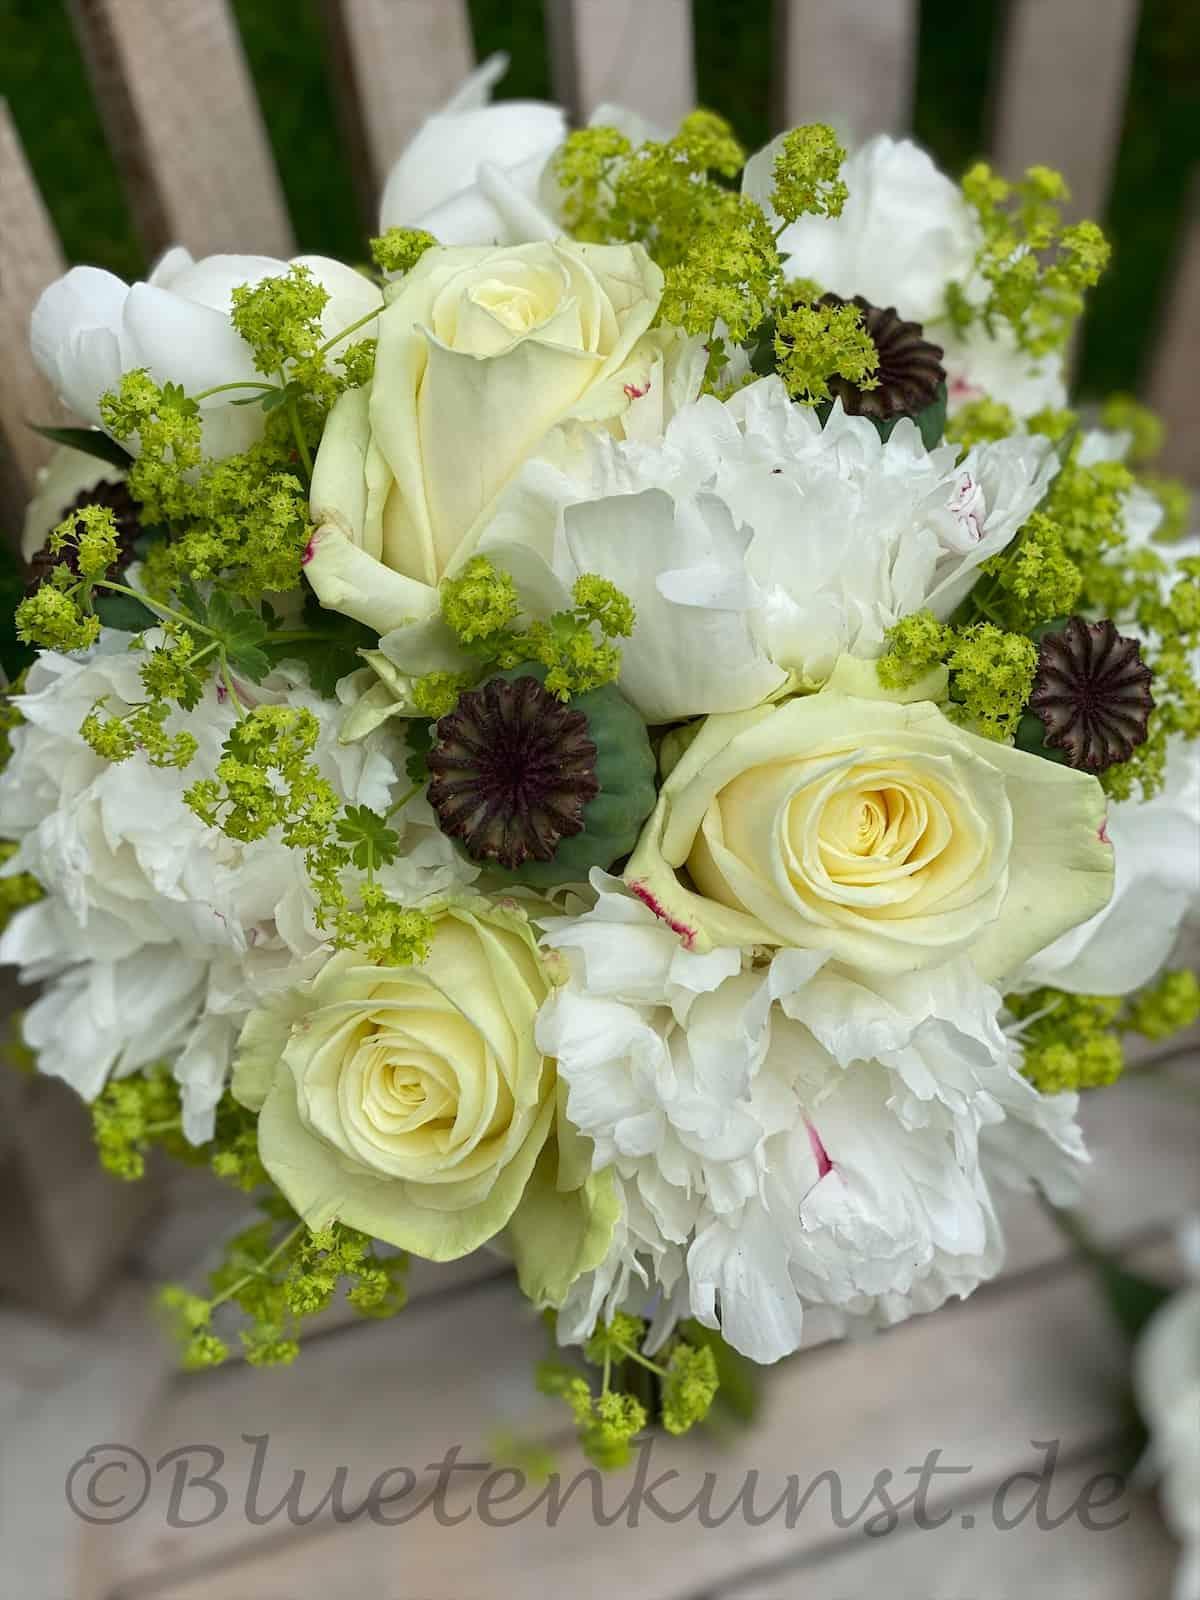 Brautstrauß in Weiß weiße Rosen und Pfingstrosen